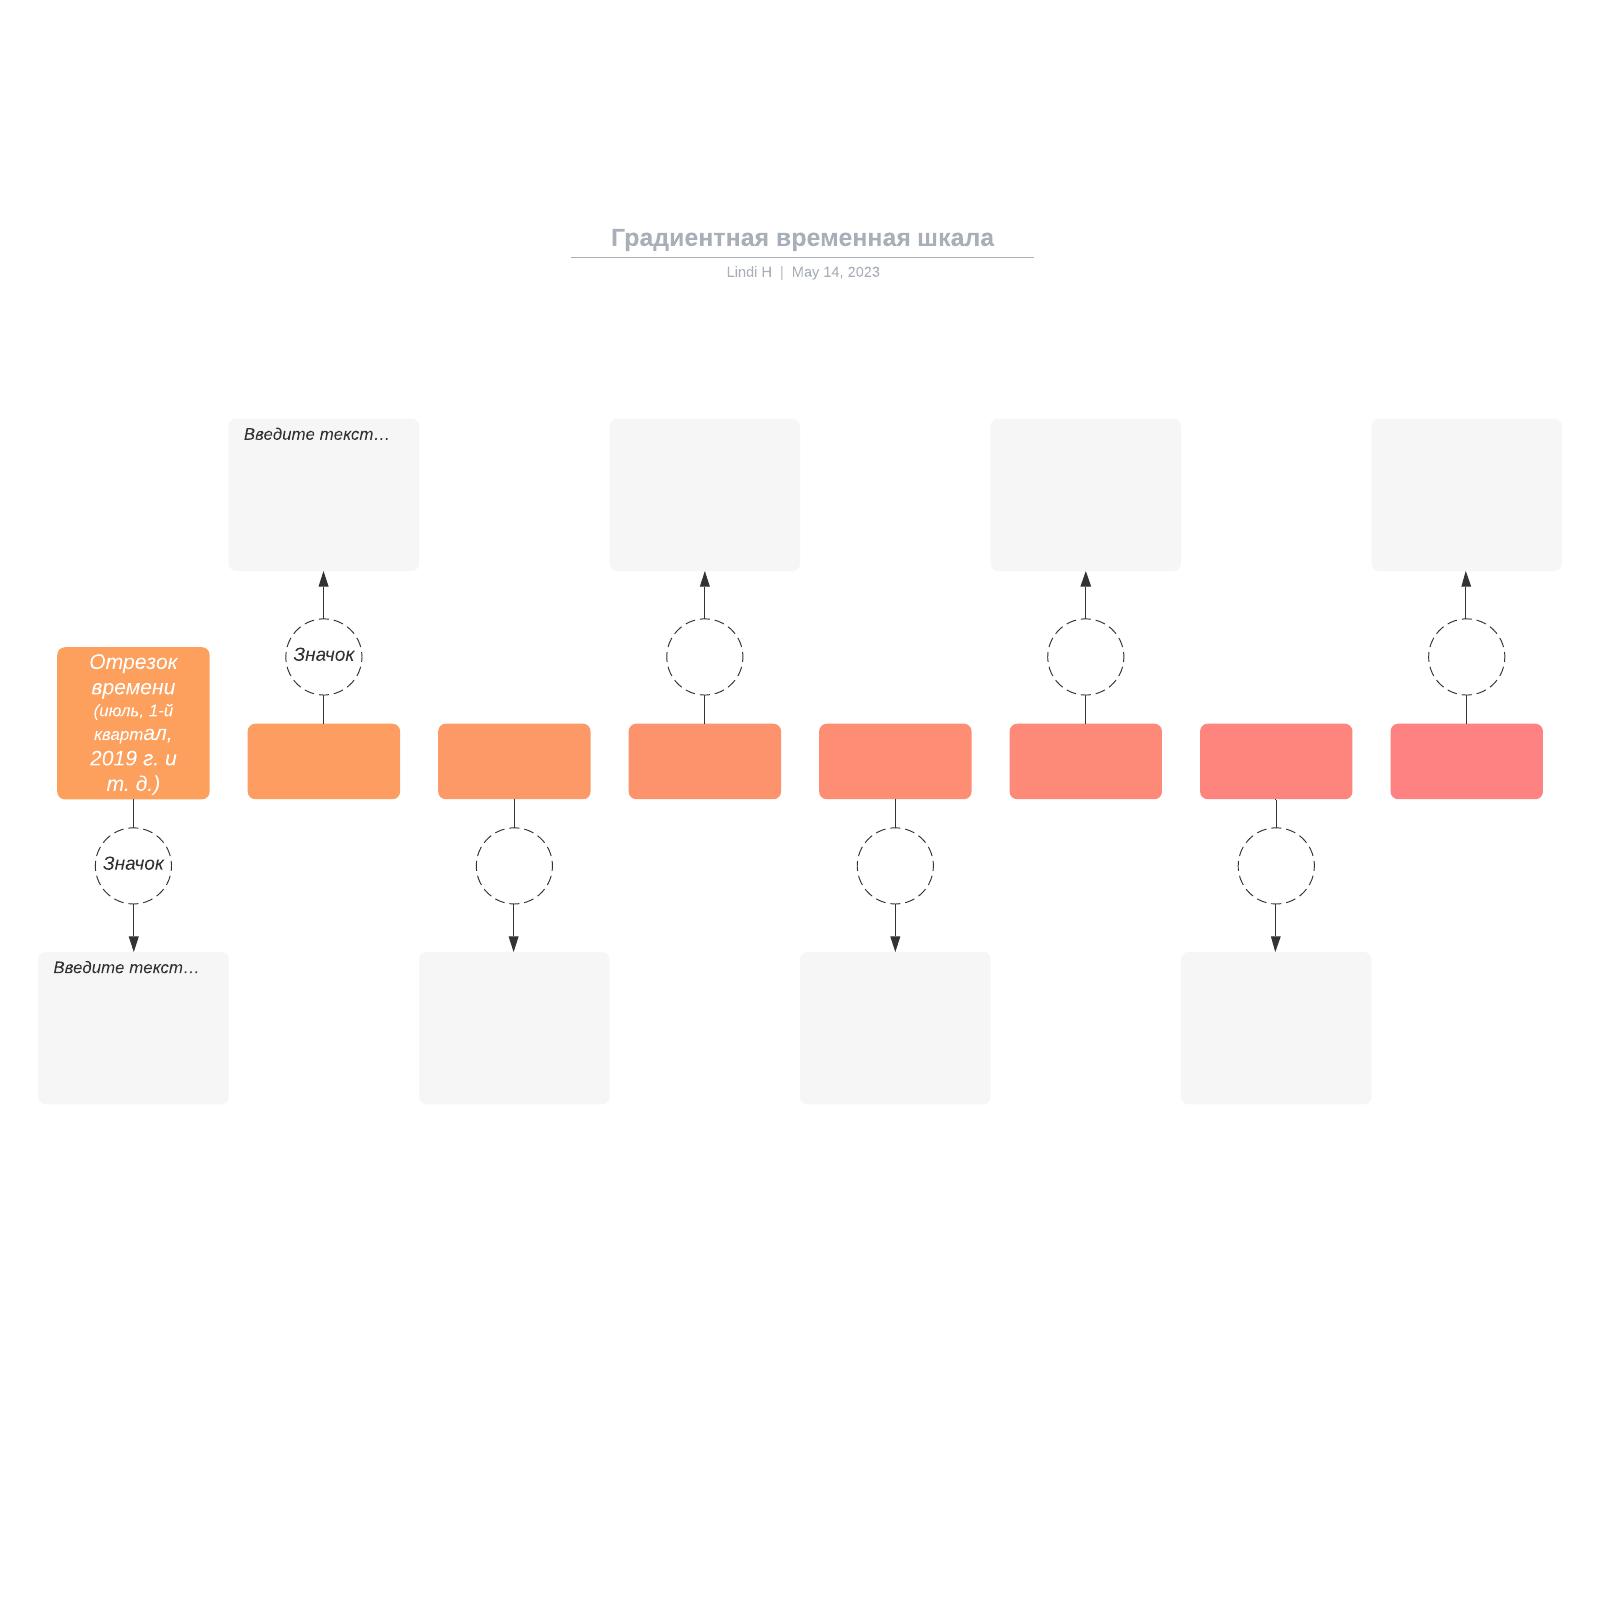 Градиентная временная шкала